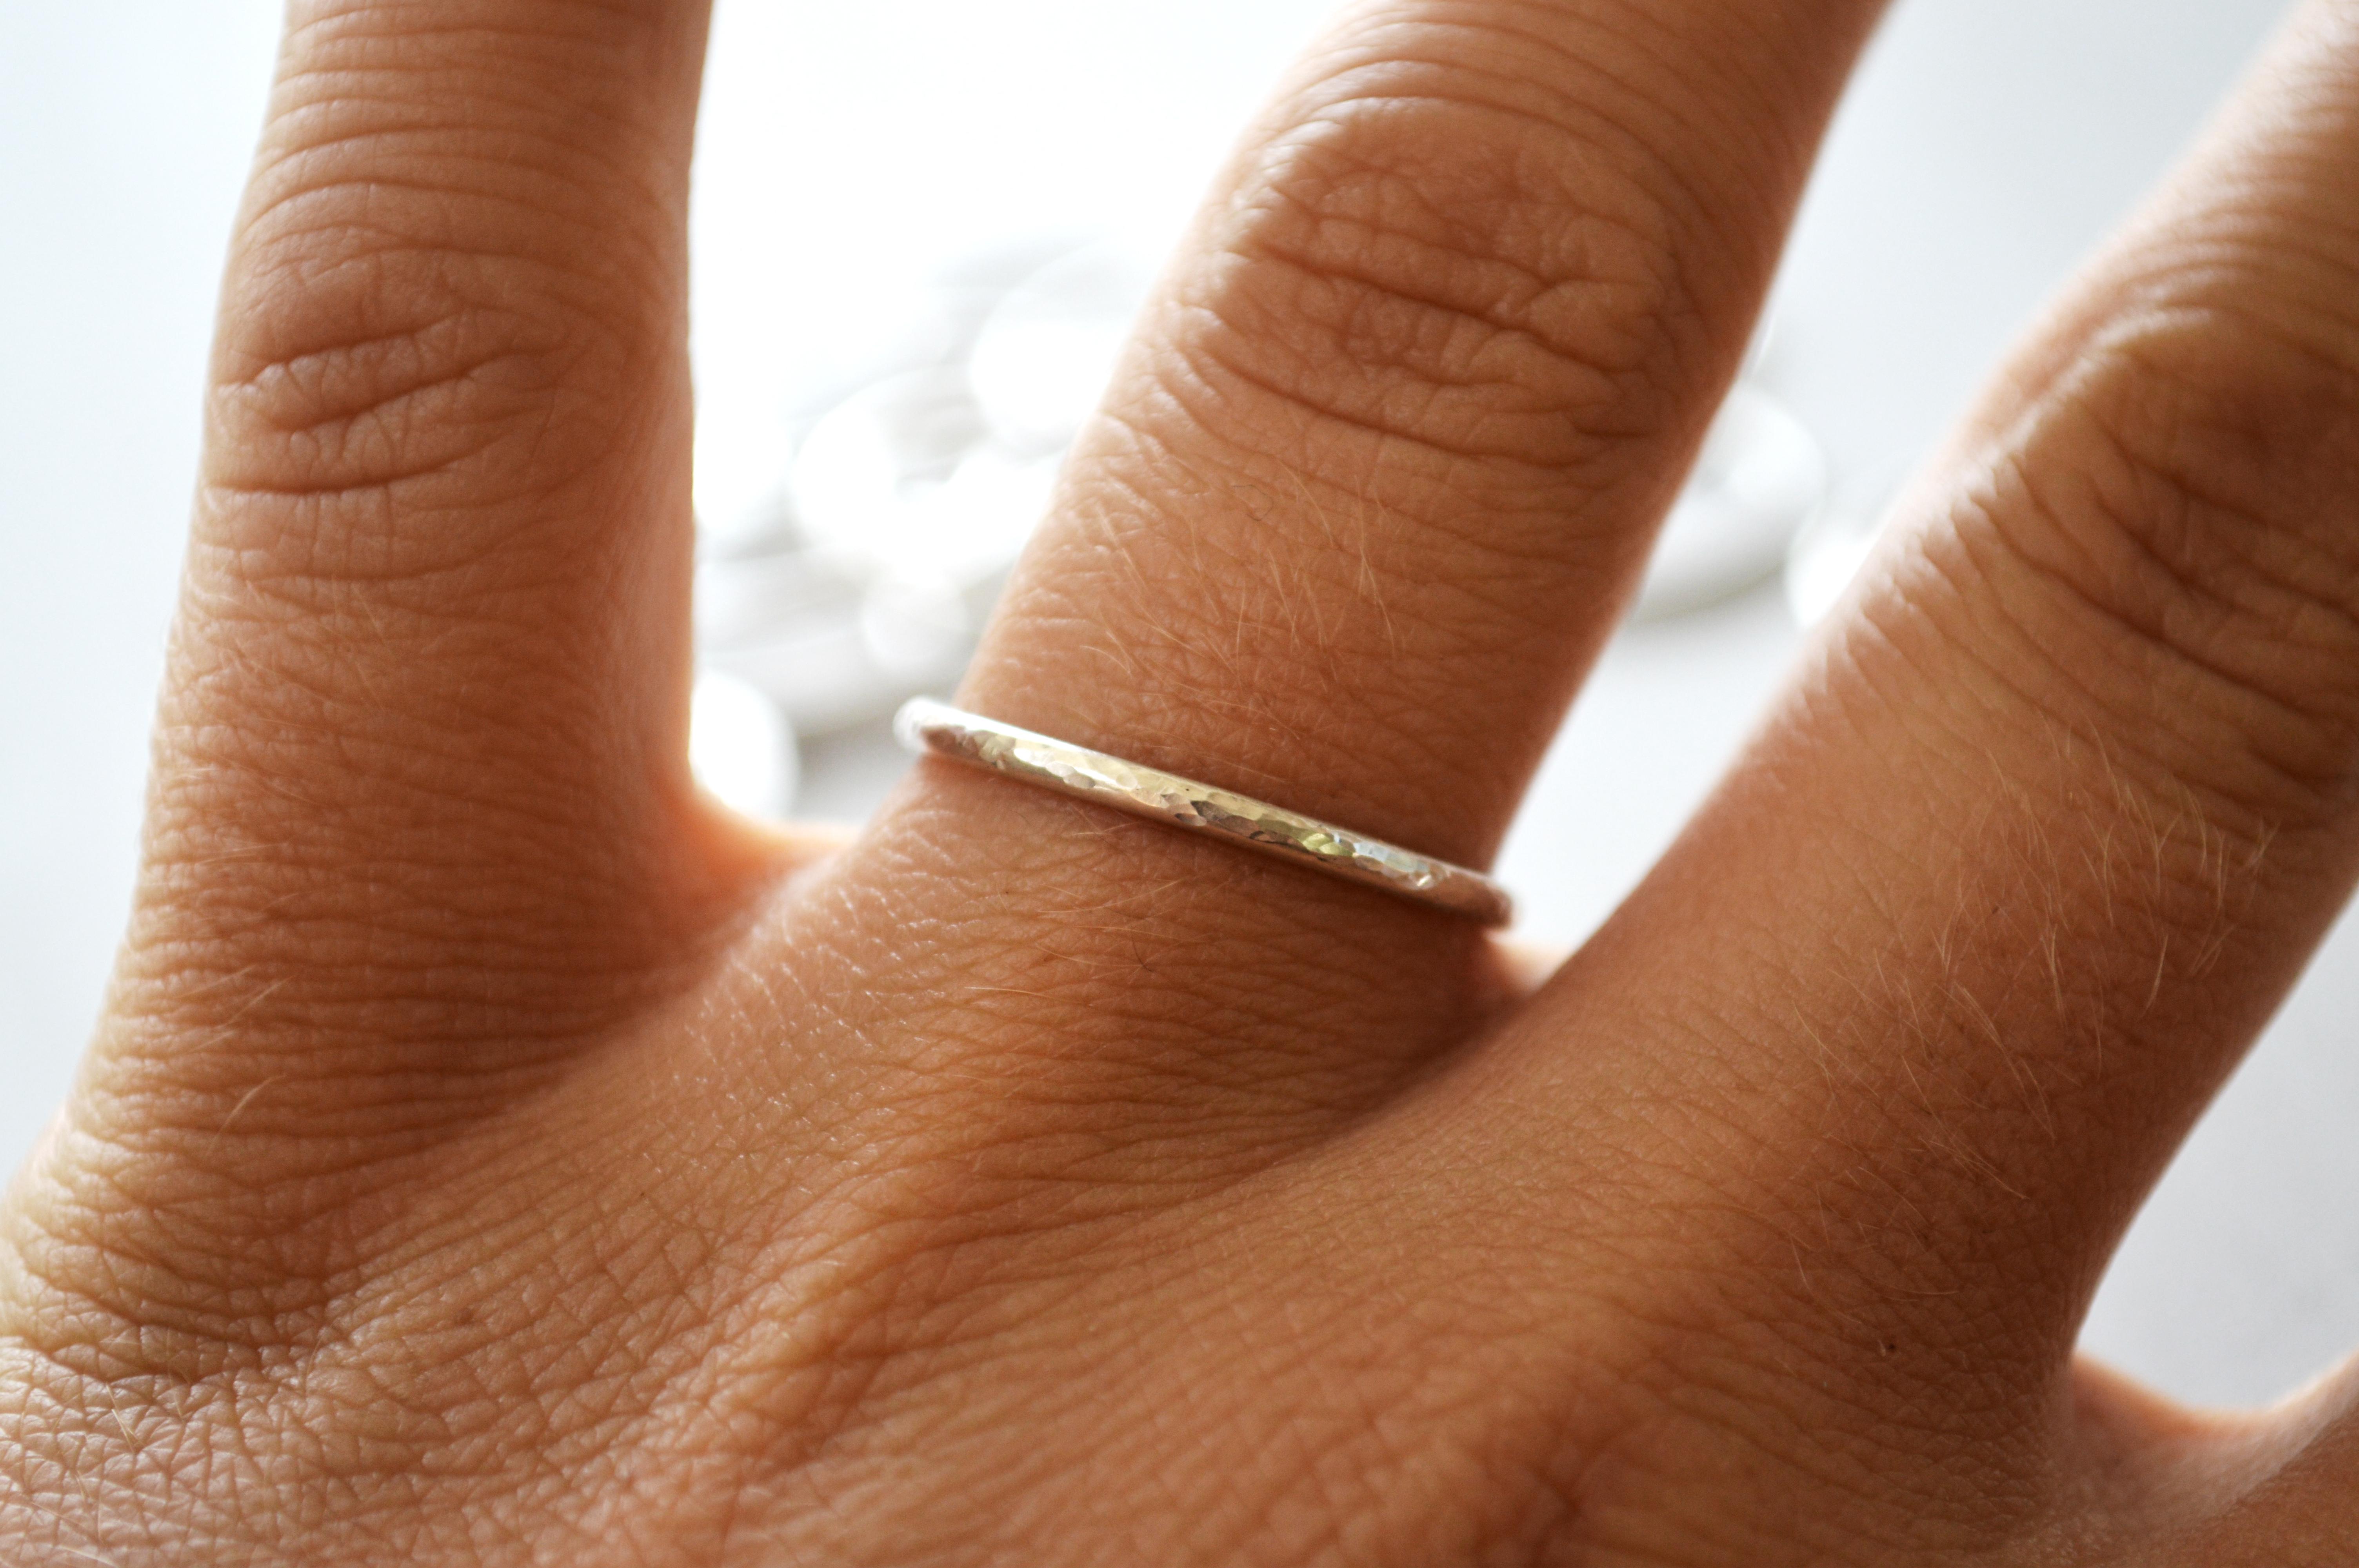 ring worn.jpg